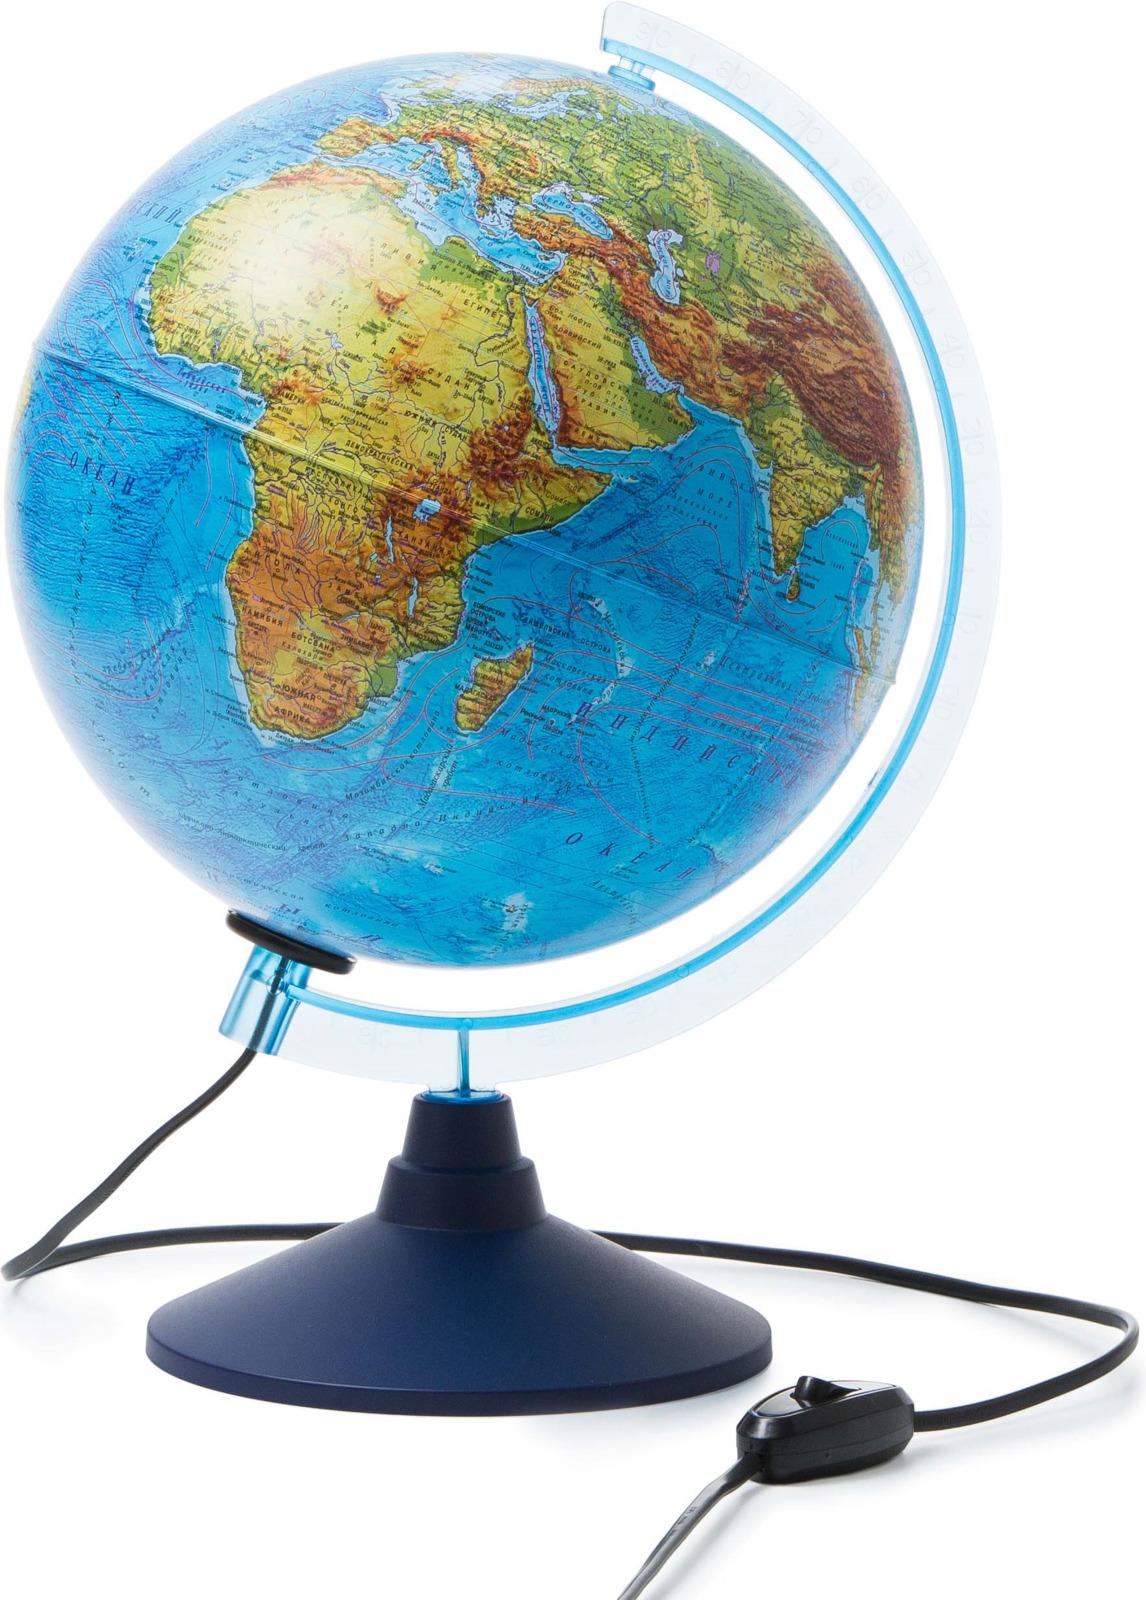 Globen Глобус Земли физико-политический с подсветкой диаметр 250 мм цены онлайн